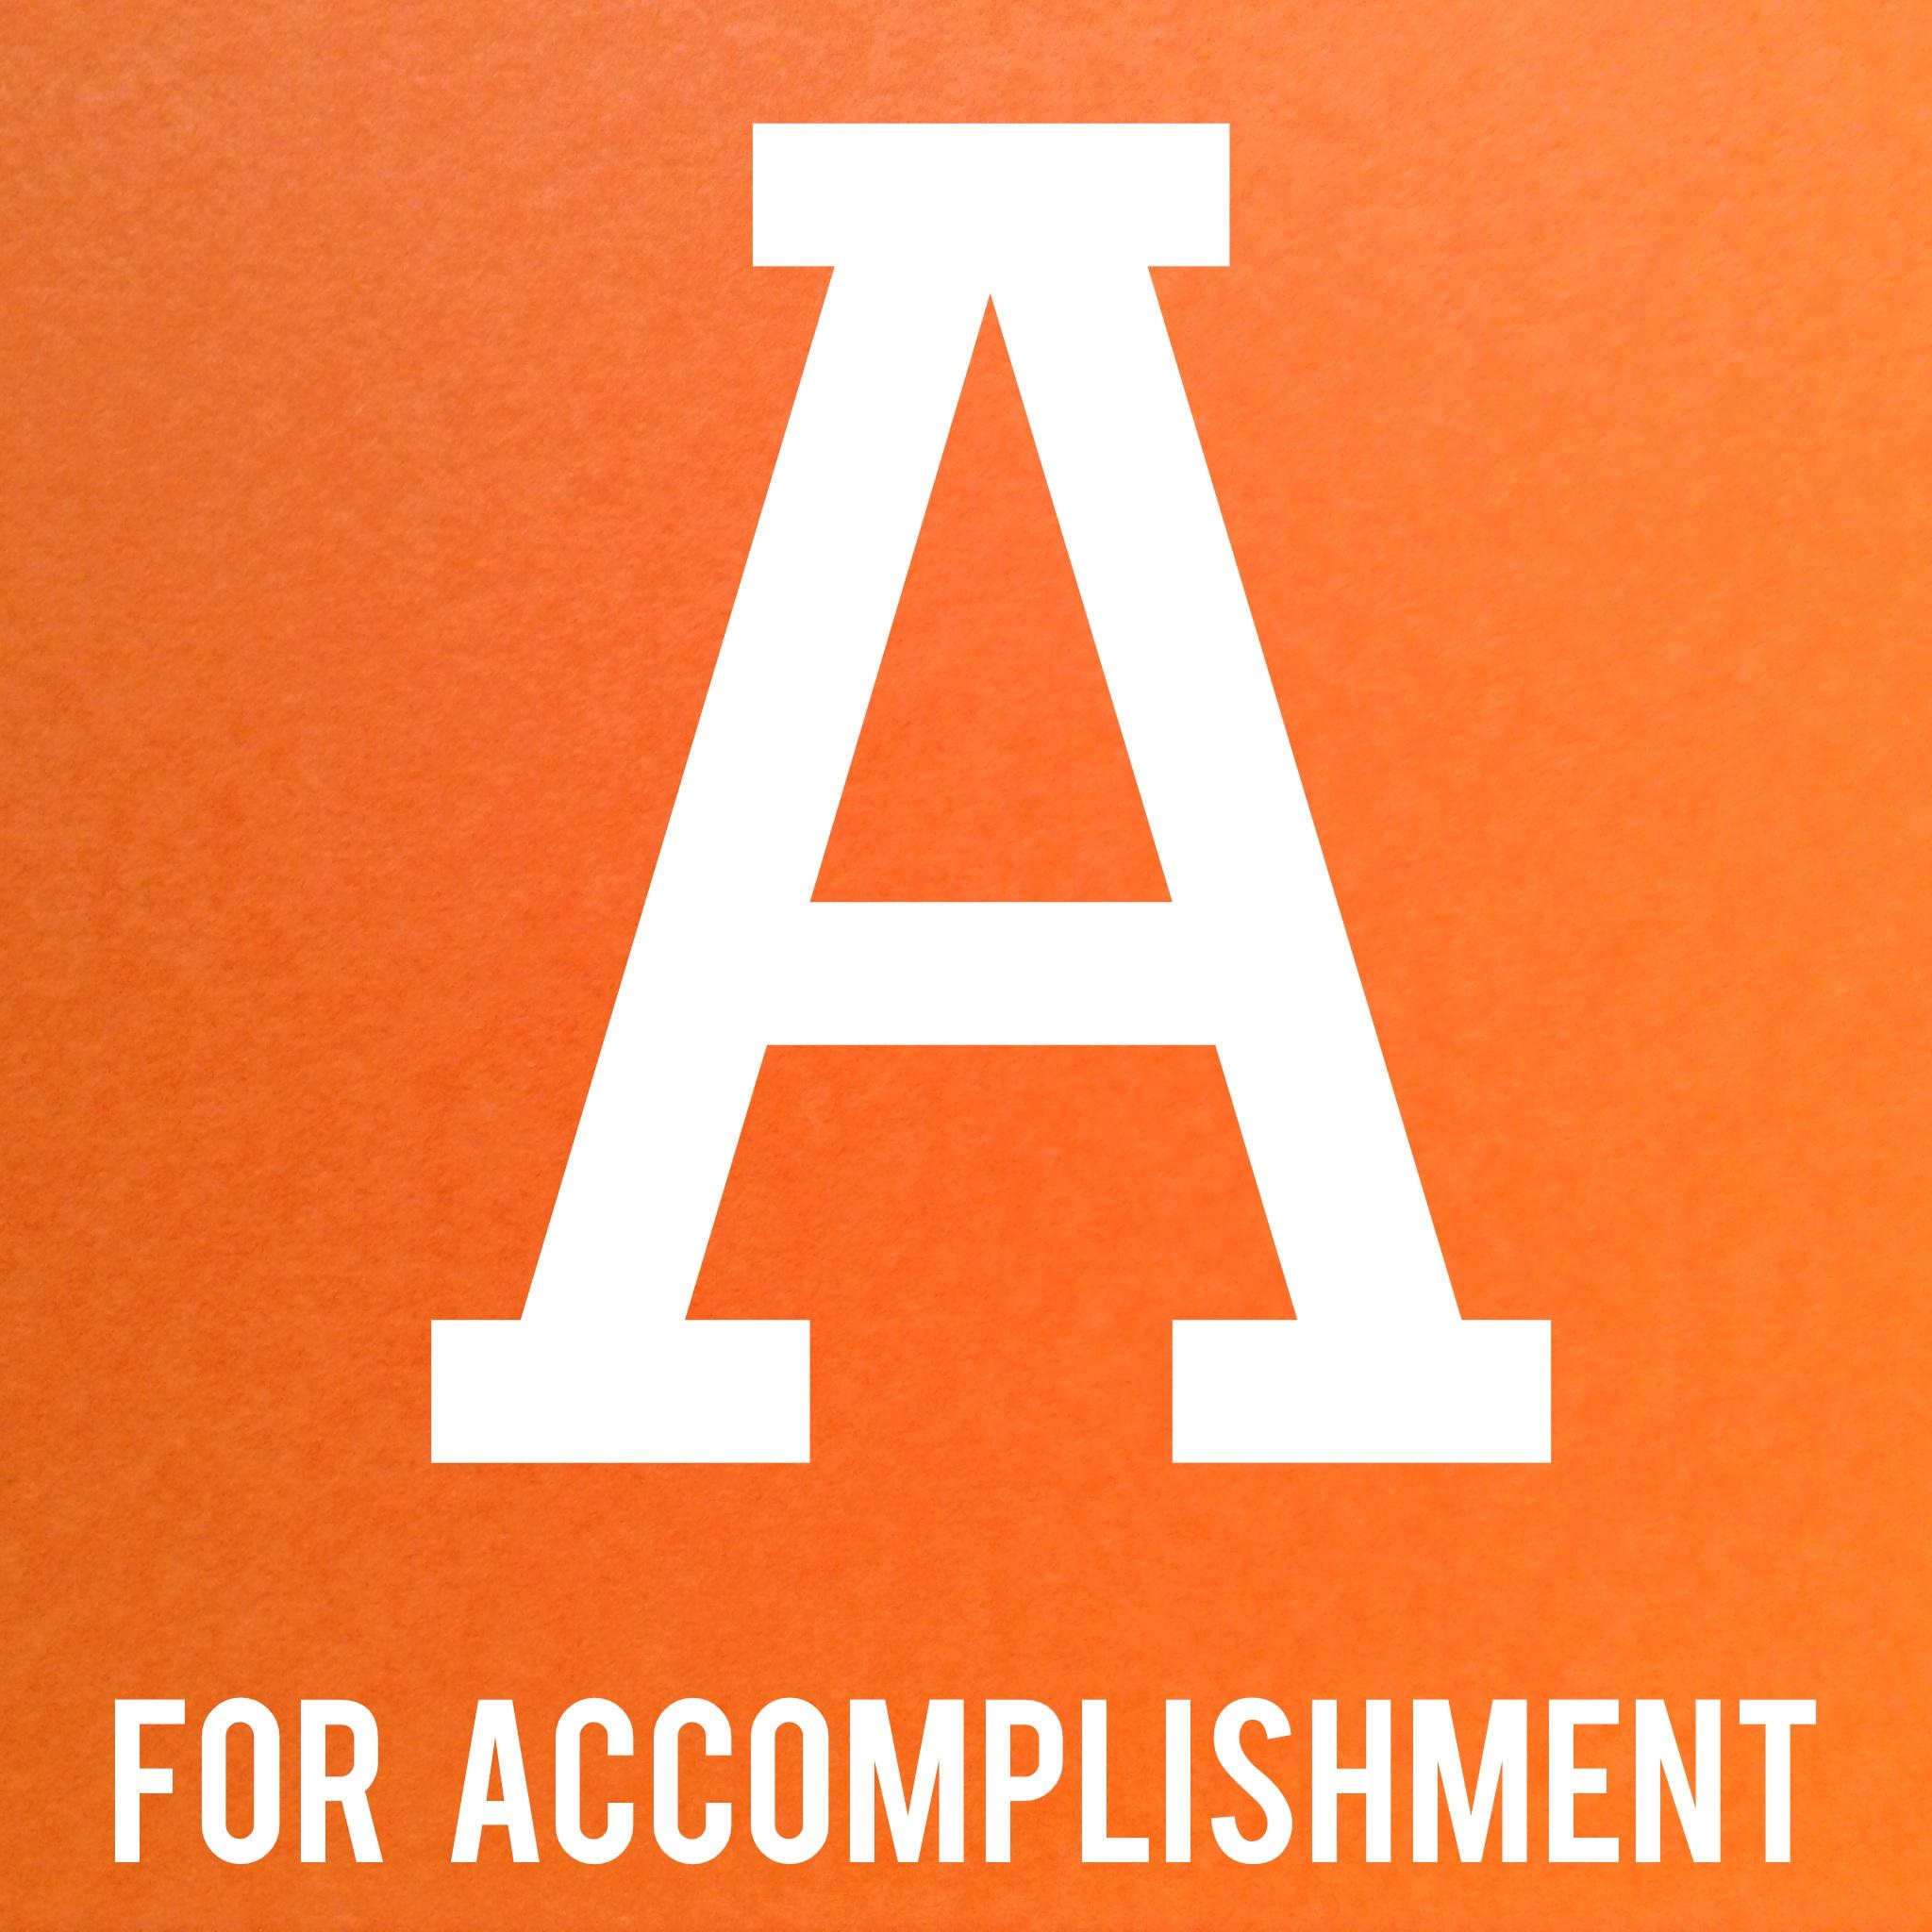 Acomplishment accomplishment - liberal dictionary